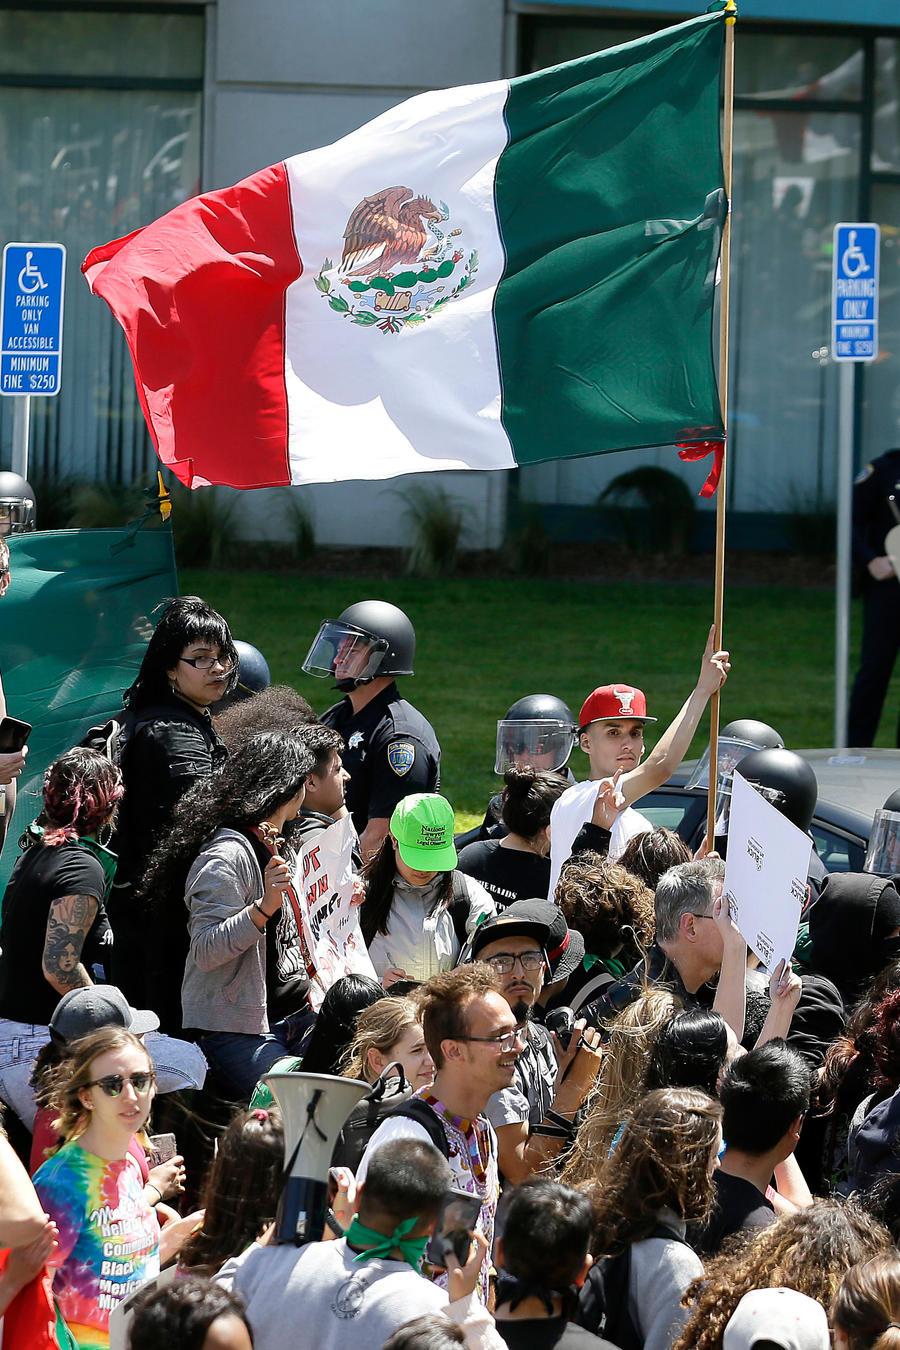 Un manifestante ondea una bandera de of México durante una protesta el viernes 29 de abril de 2016 contra el precandidato presidencial republicano Donald Trump, fuera del hotel Hyatt Regency en Burlingame, California, donde se realizaba la Convención